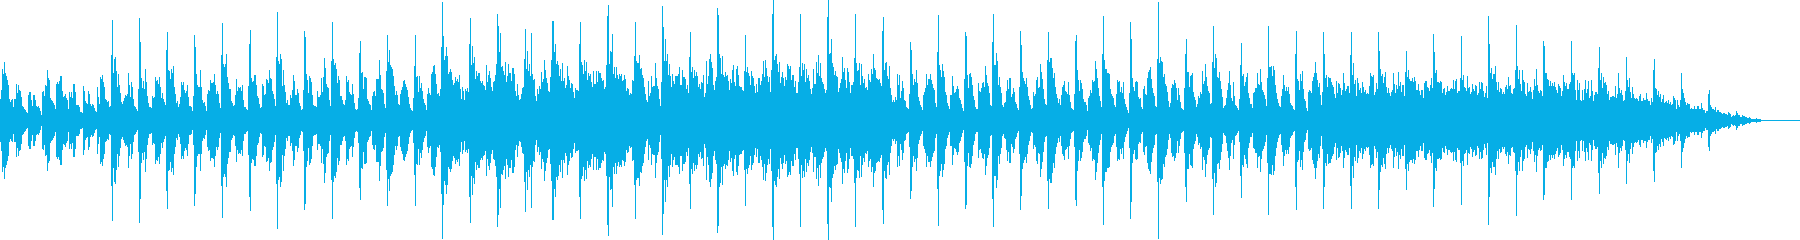 ピアノとアコースティックギターの癒しの曲の再生済みの波形